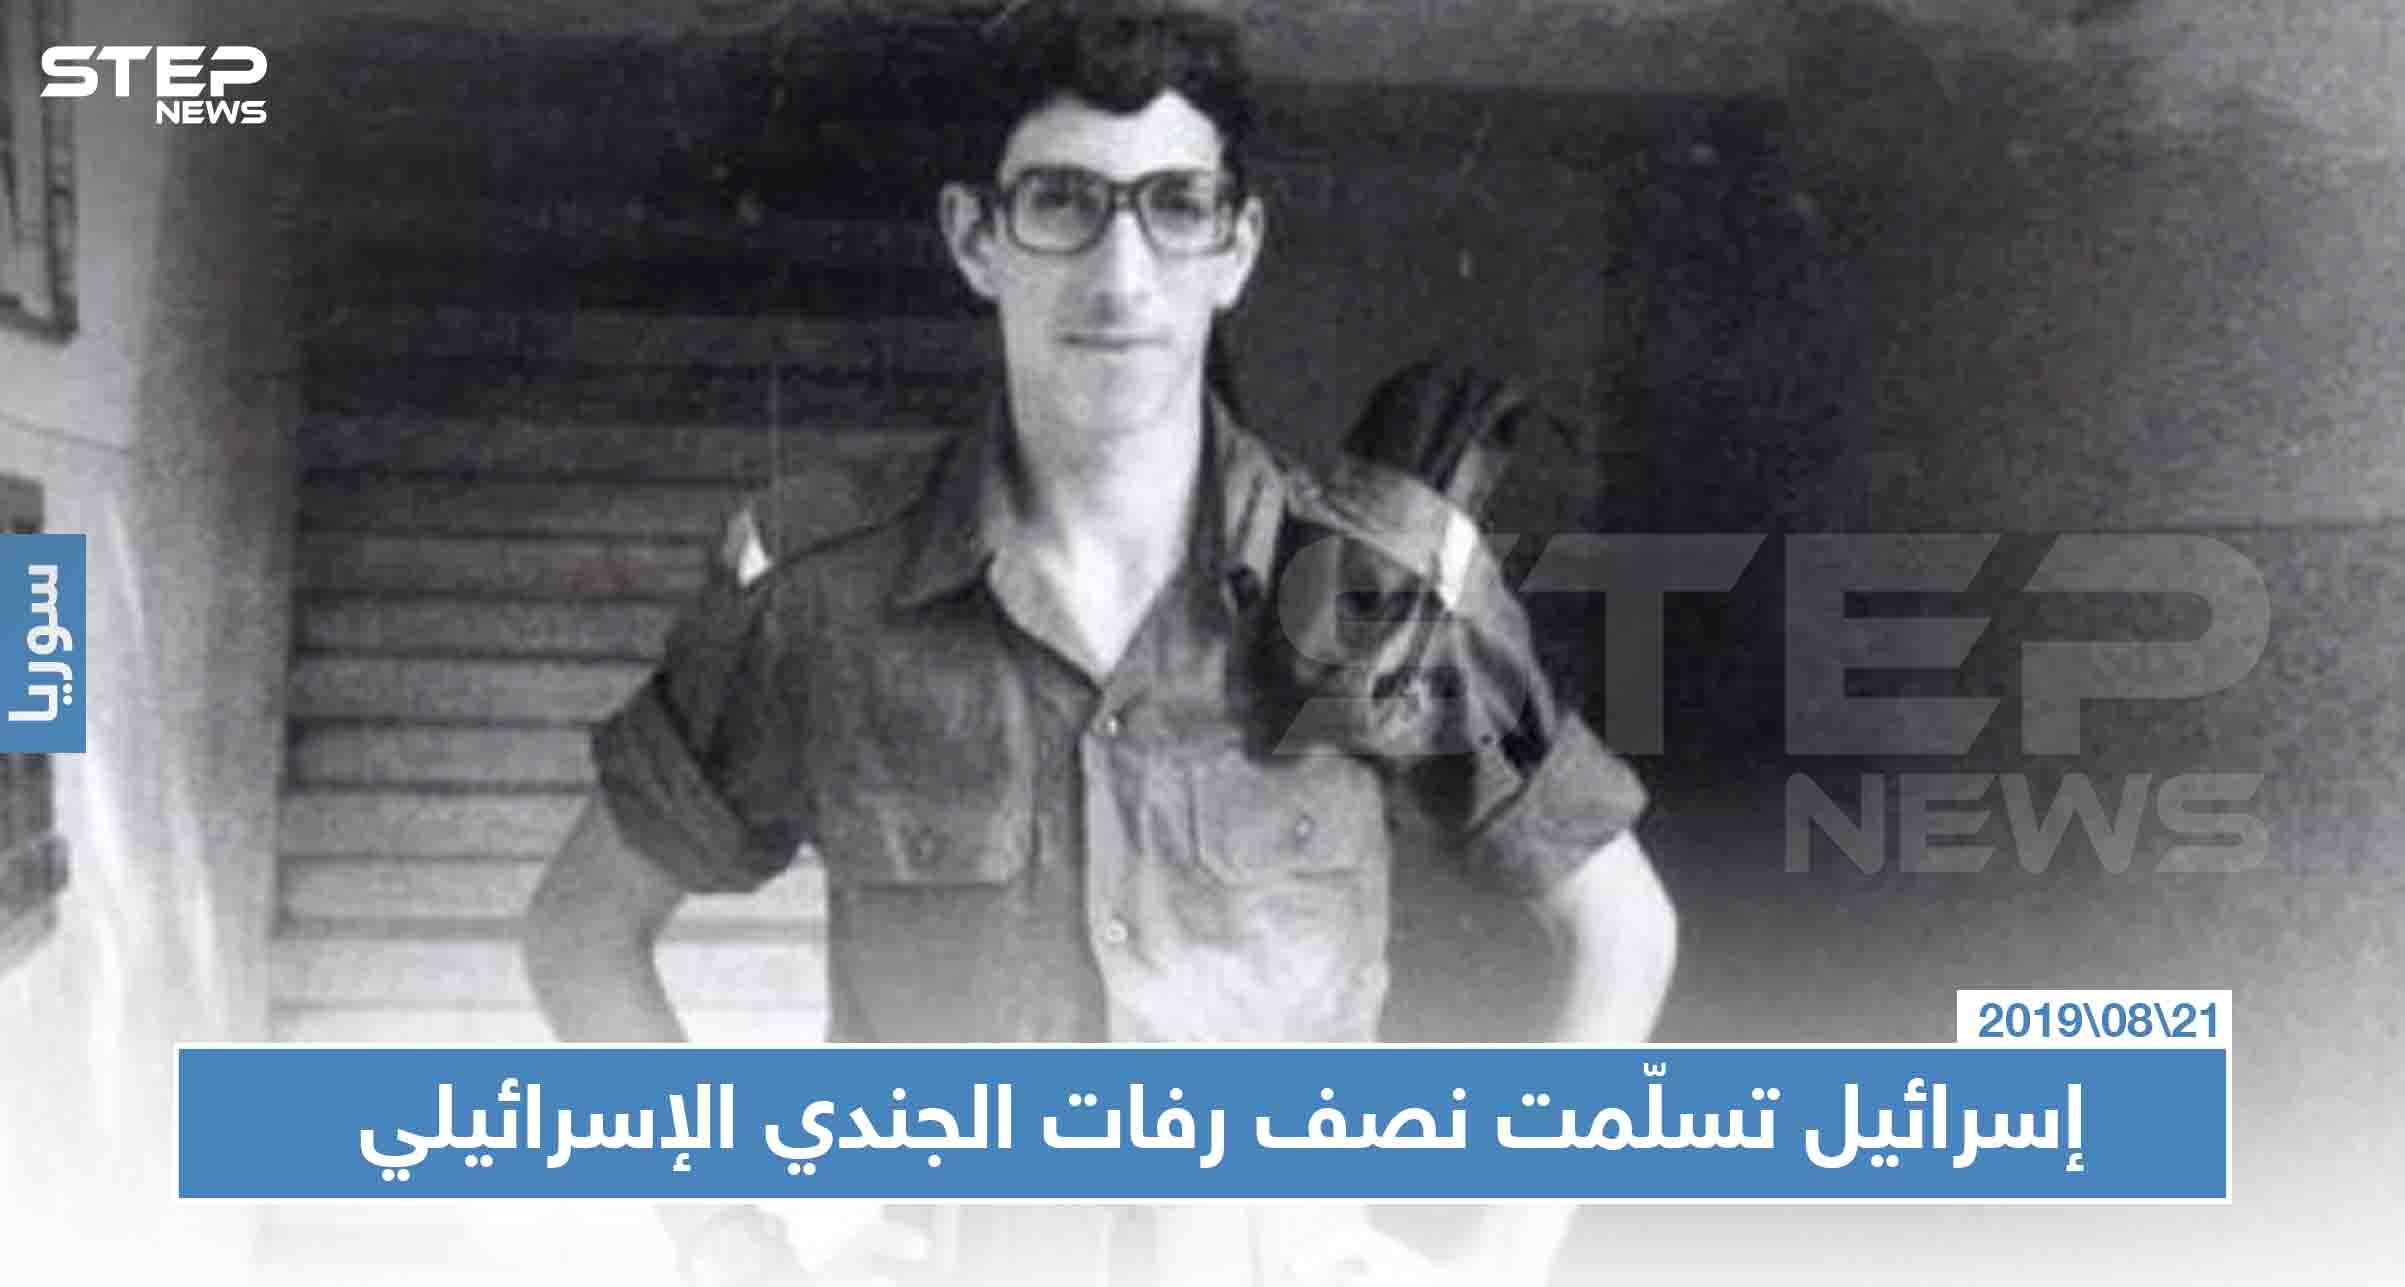 """مفاجأة صادمة، مسؤول فلسطيني يكشف تسليم """"قطعًا"""" من رفات الجندي الإسرائيلي الذي كان مدفونًا بسوريا!!"""